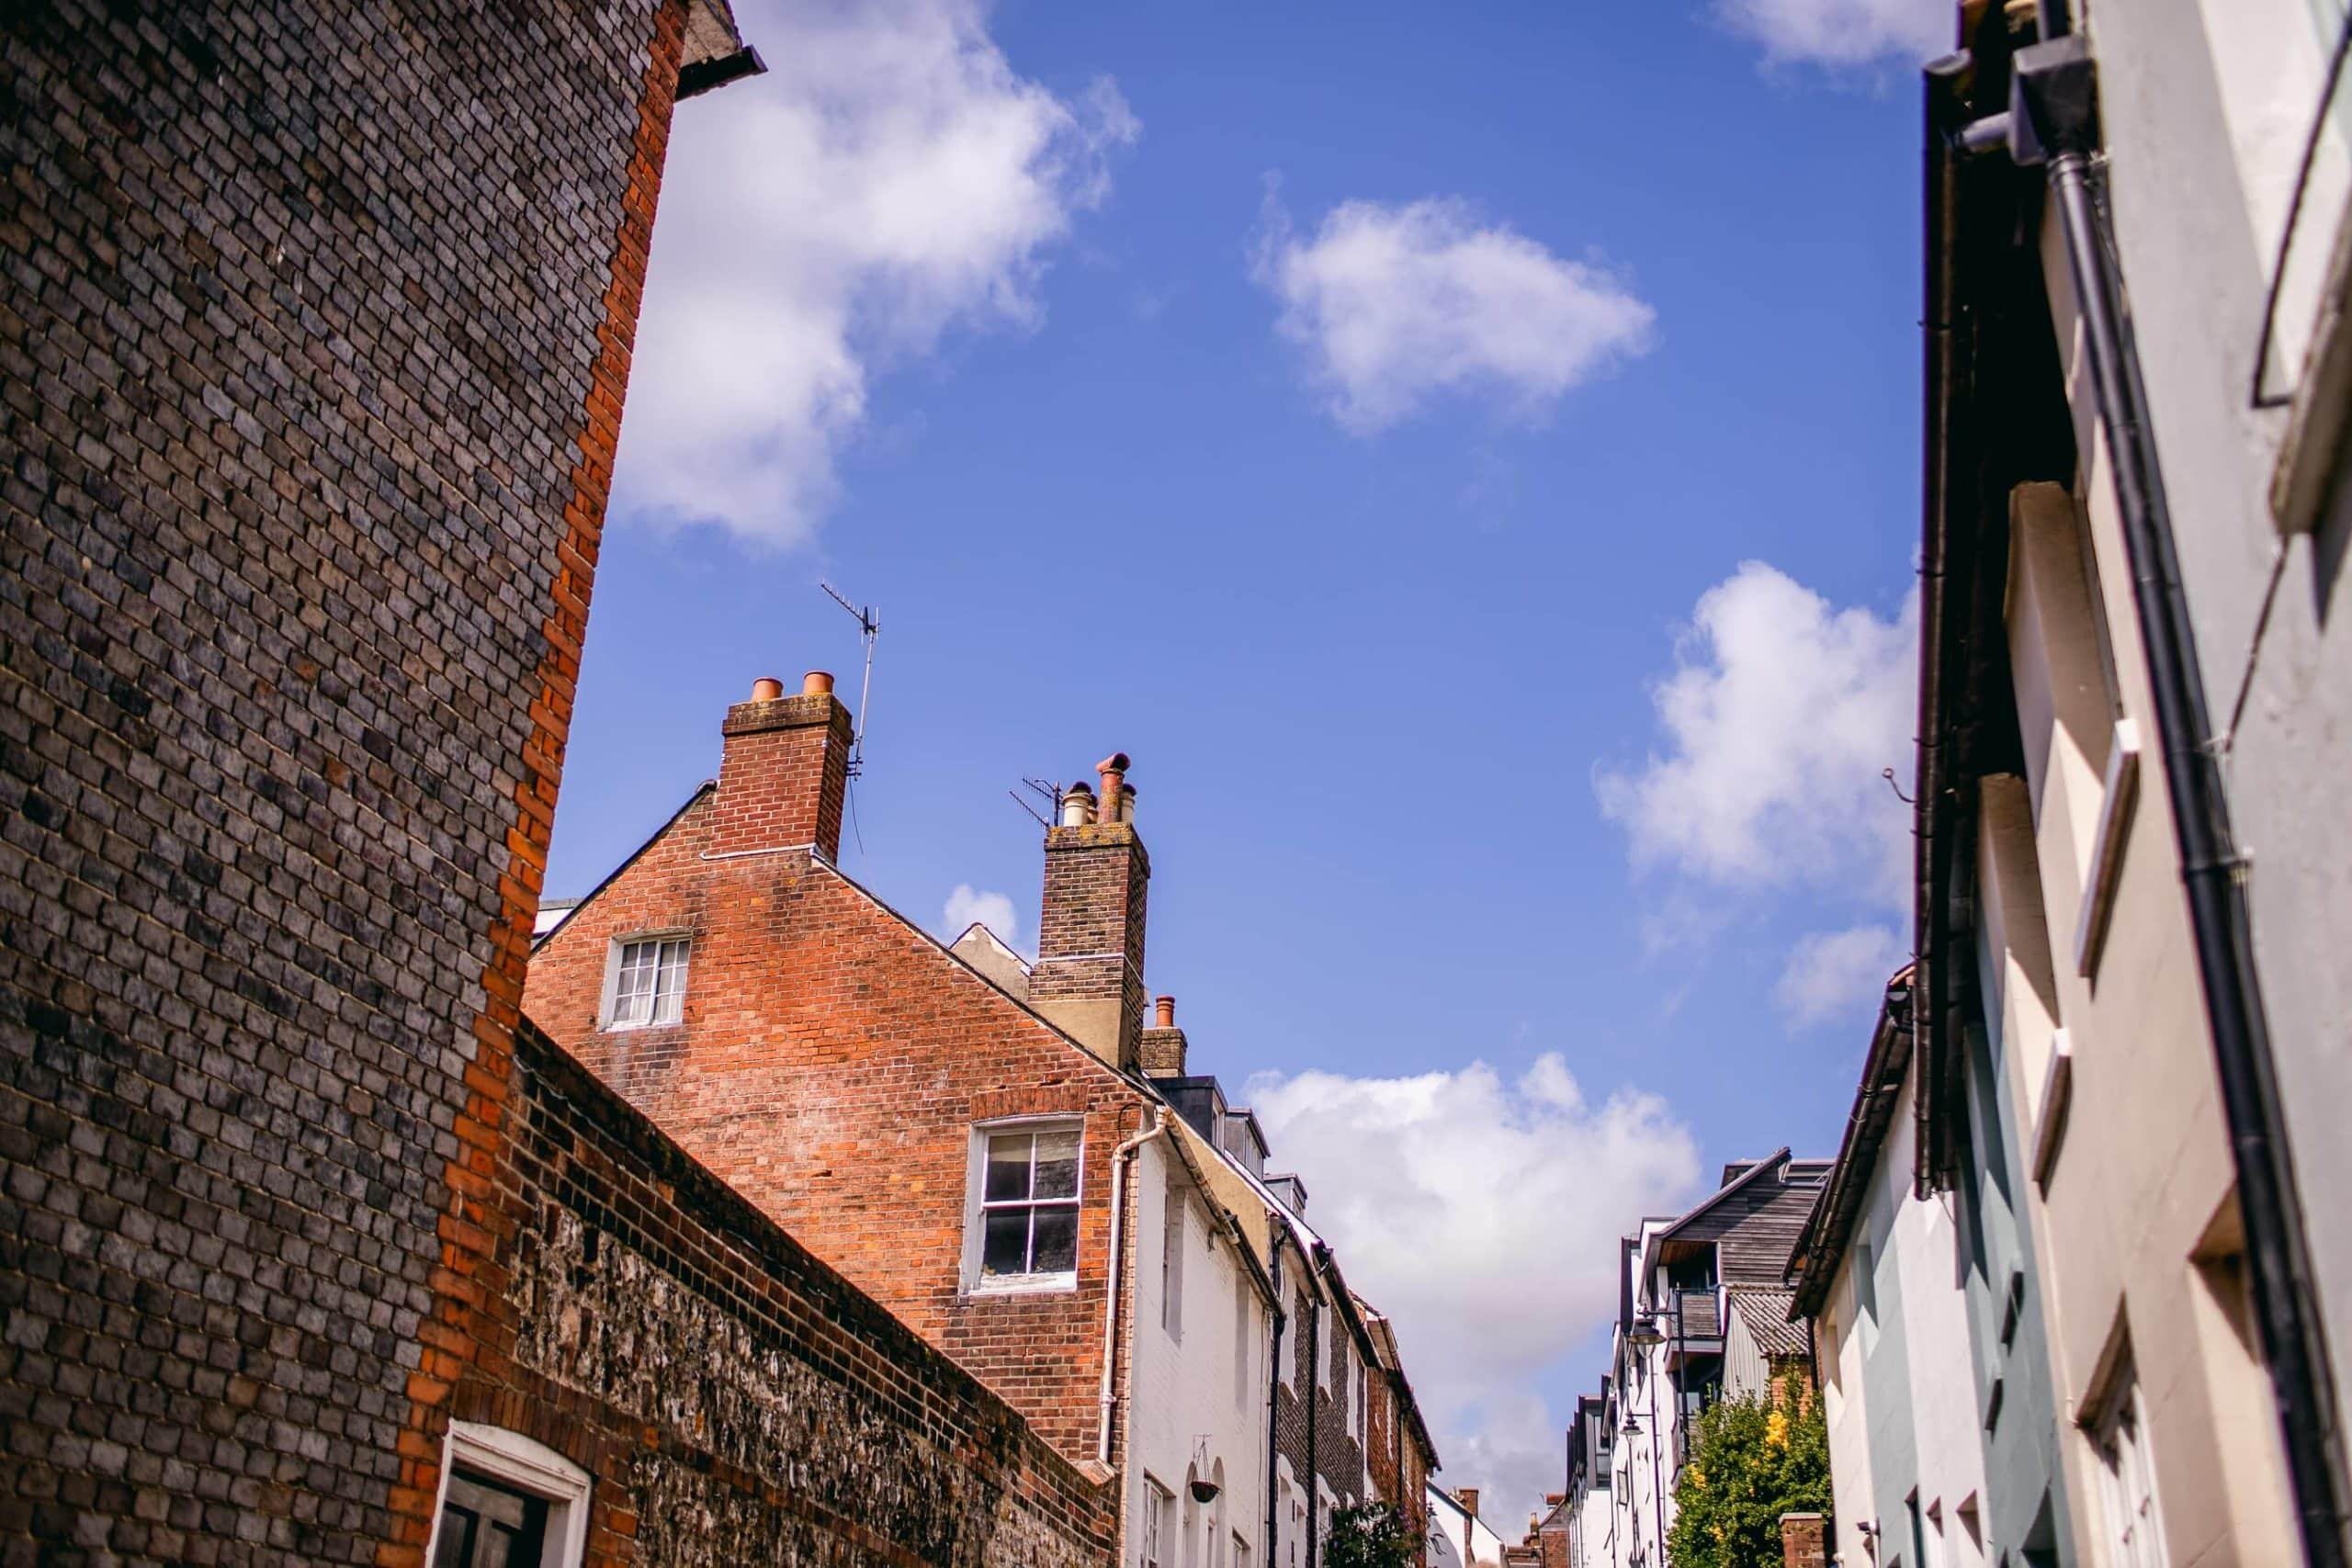 Lewes Buildings